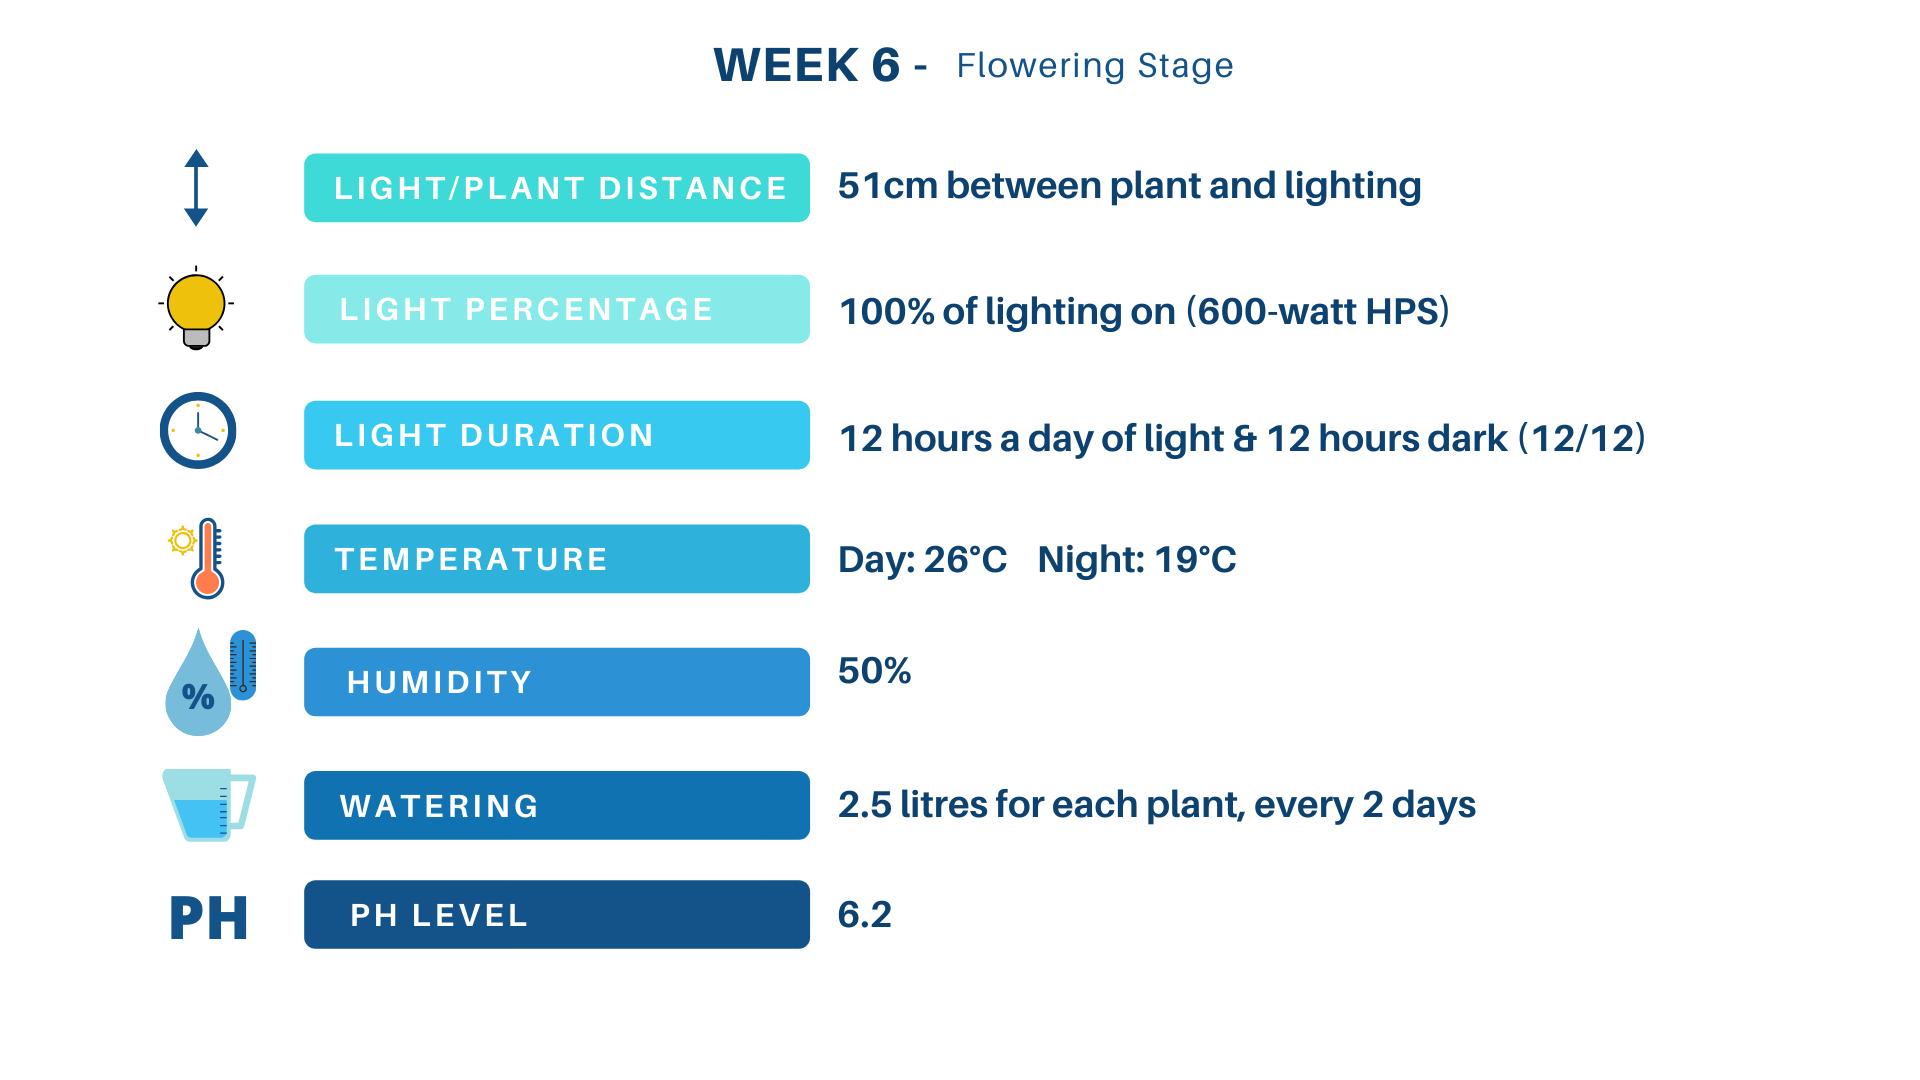 Grow schedule week 6 flowering stage